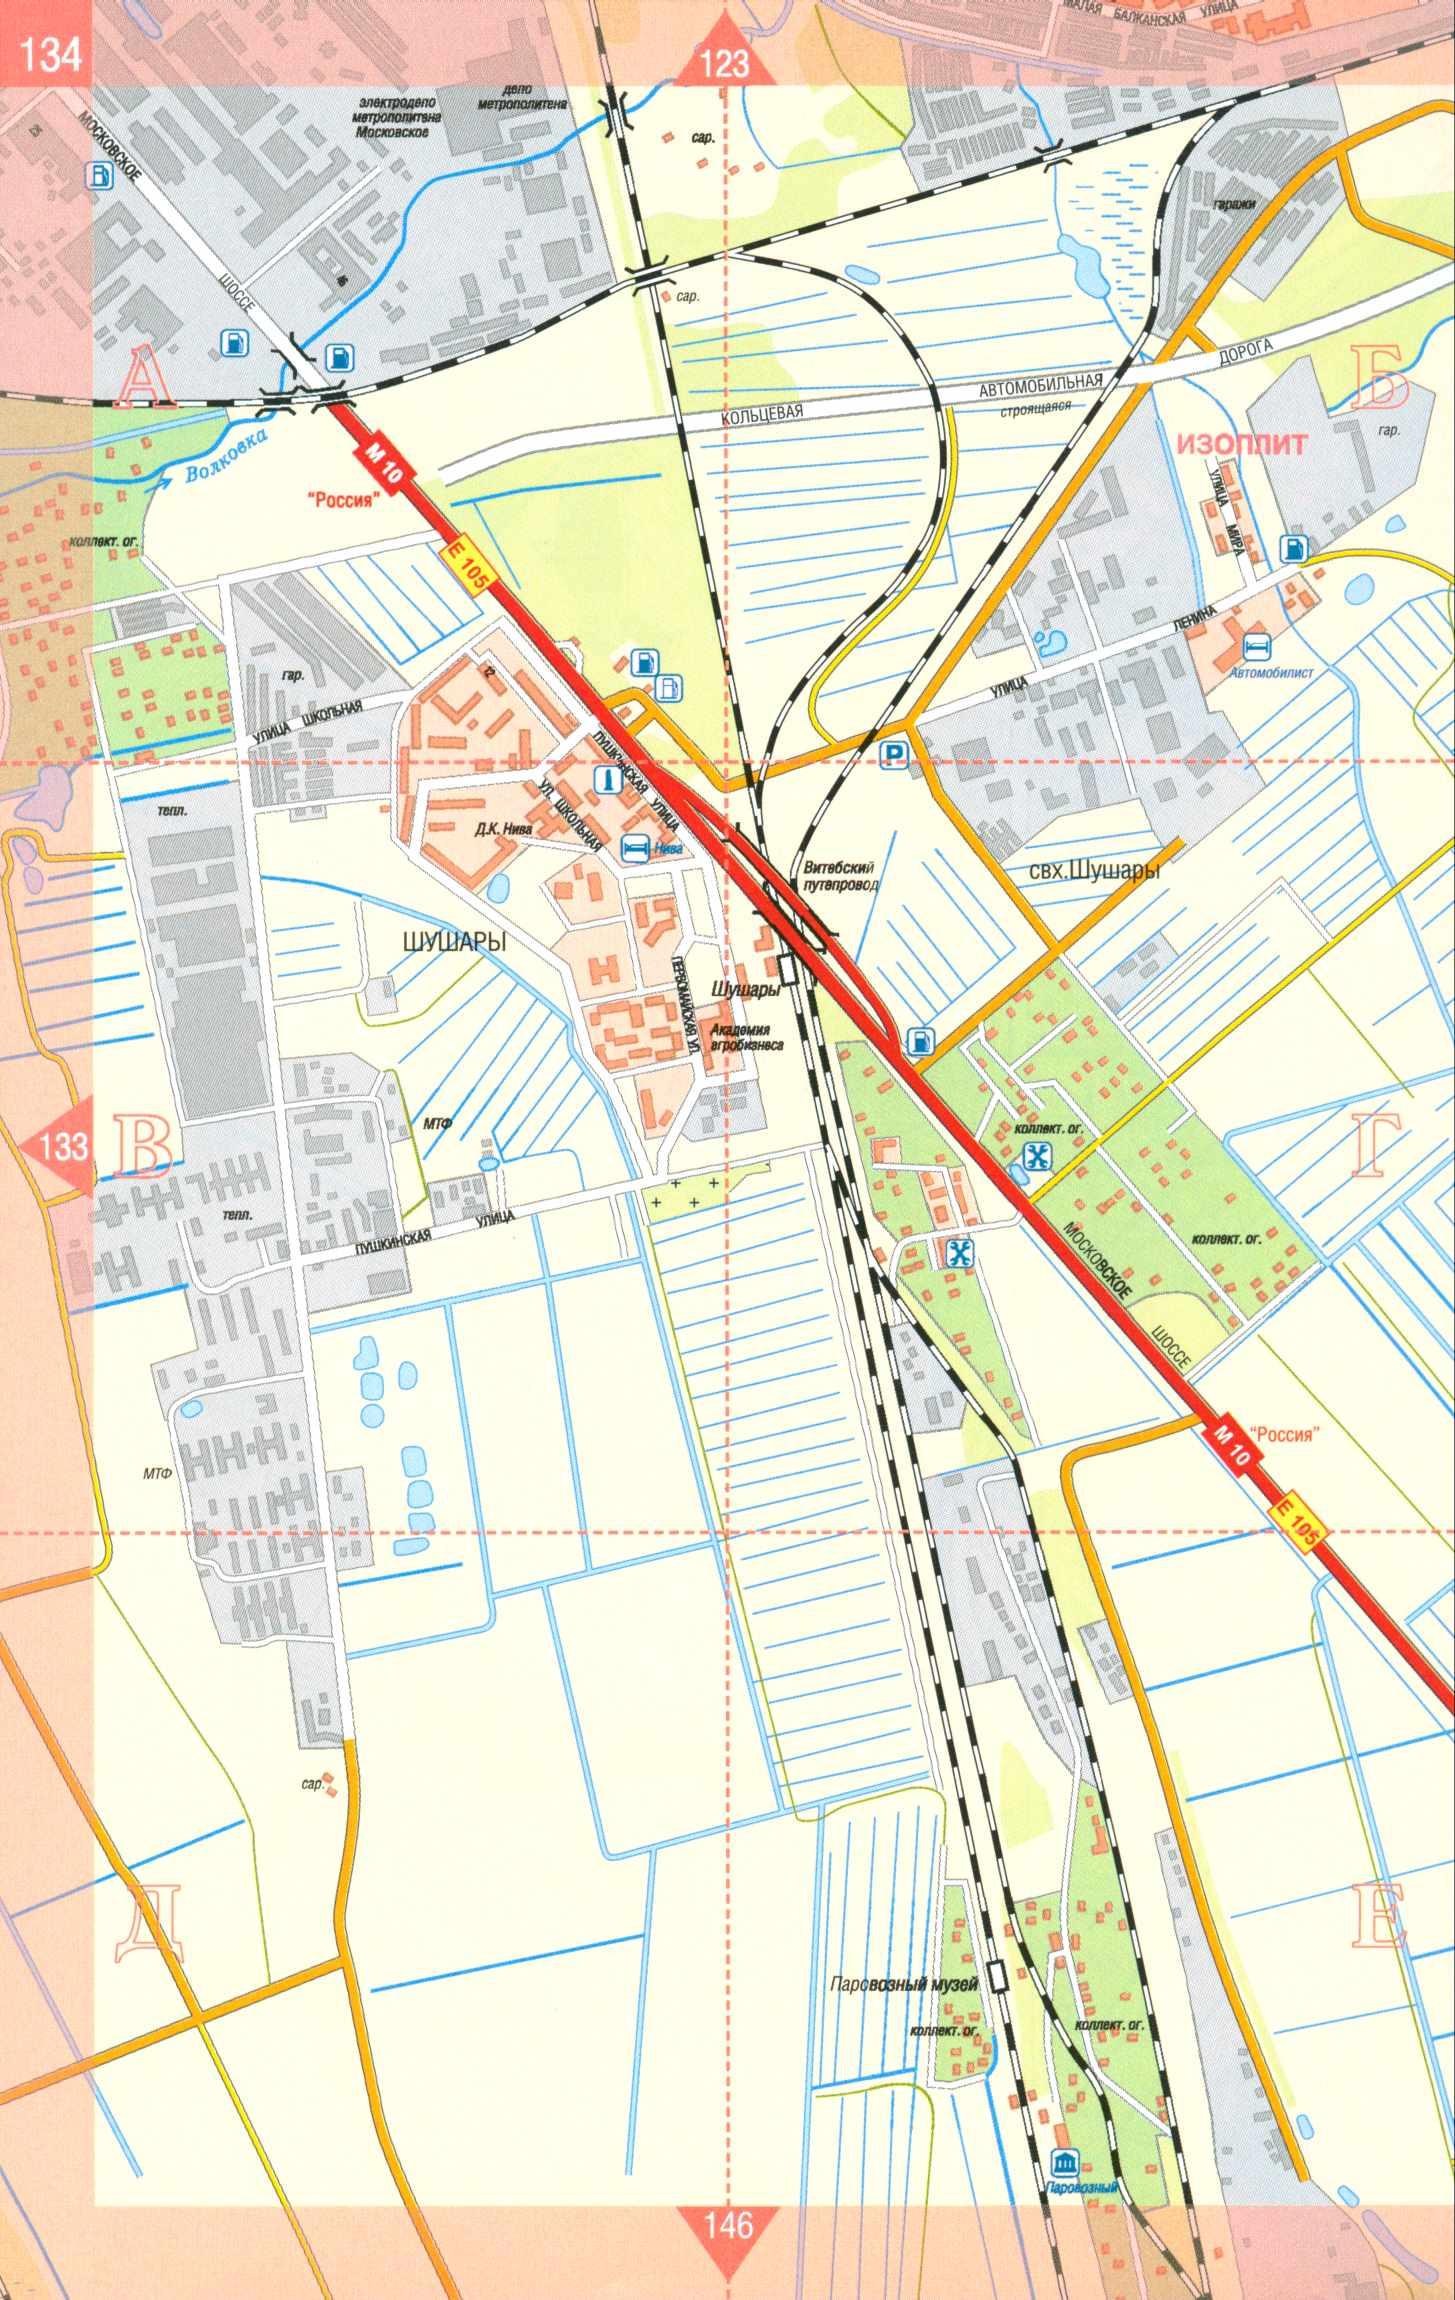 Шлюхи питера карта 14 фотография